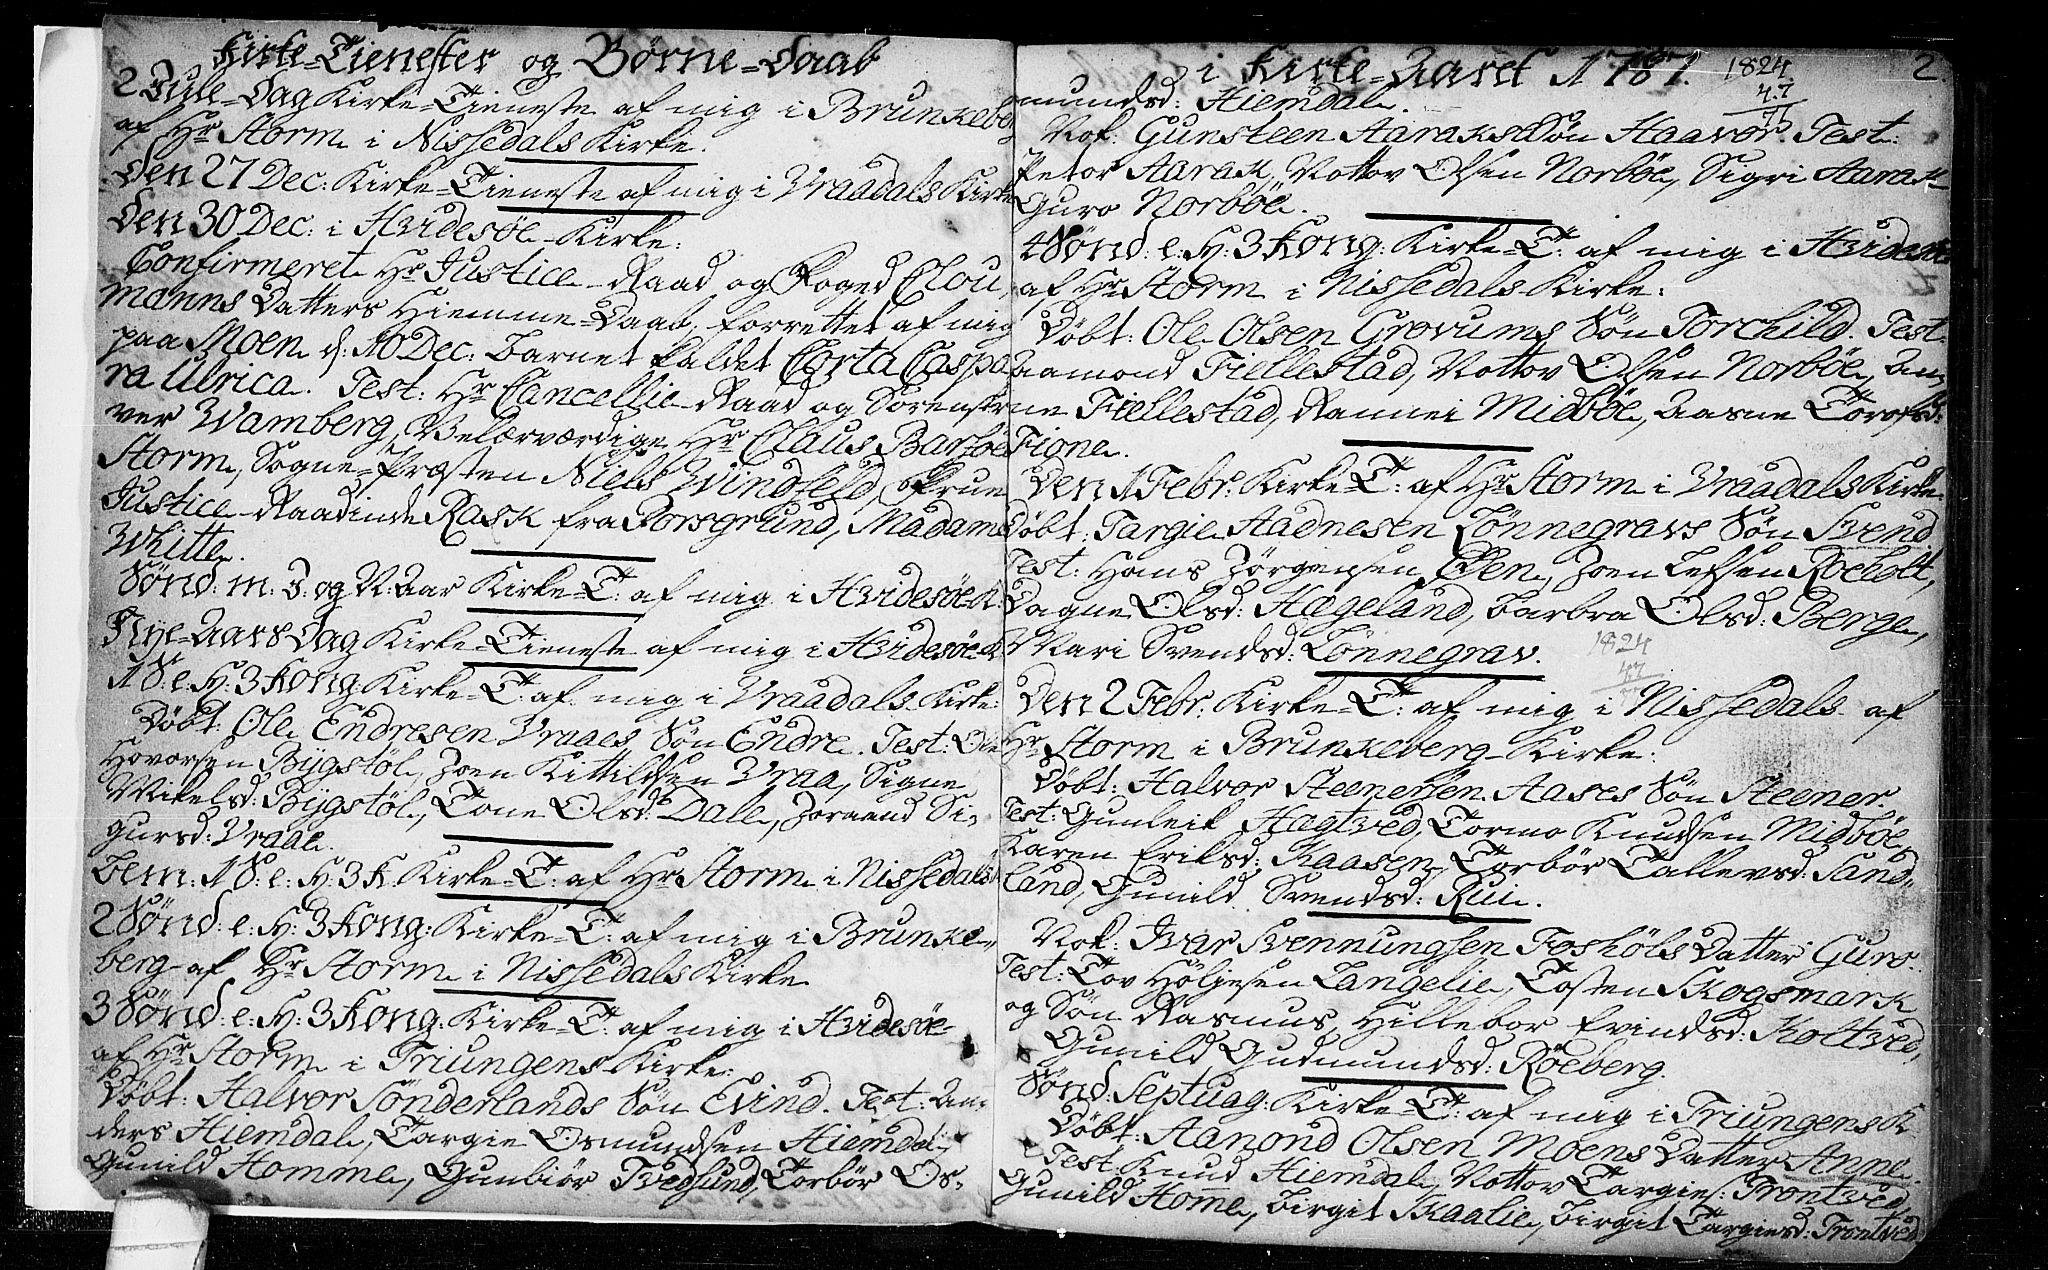 SAKO, Kviteseid kirkebøker, F/Fa/L0003: Ministerialbok nr. I 3, 1787-1799, s. 2